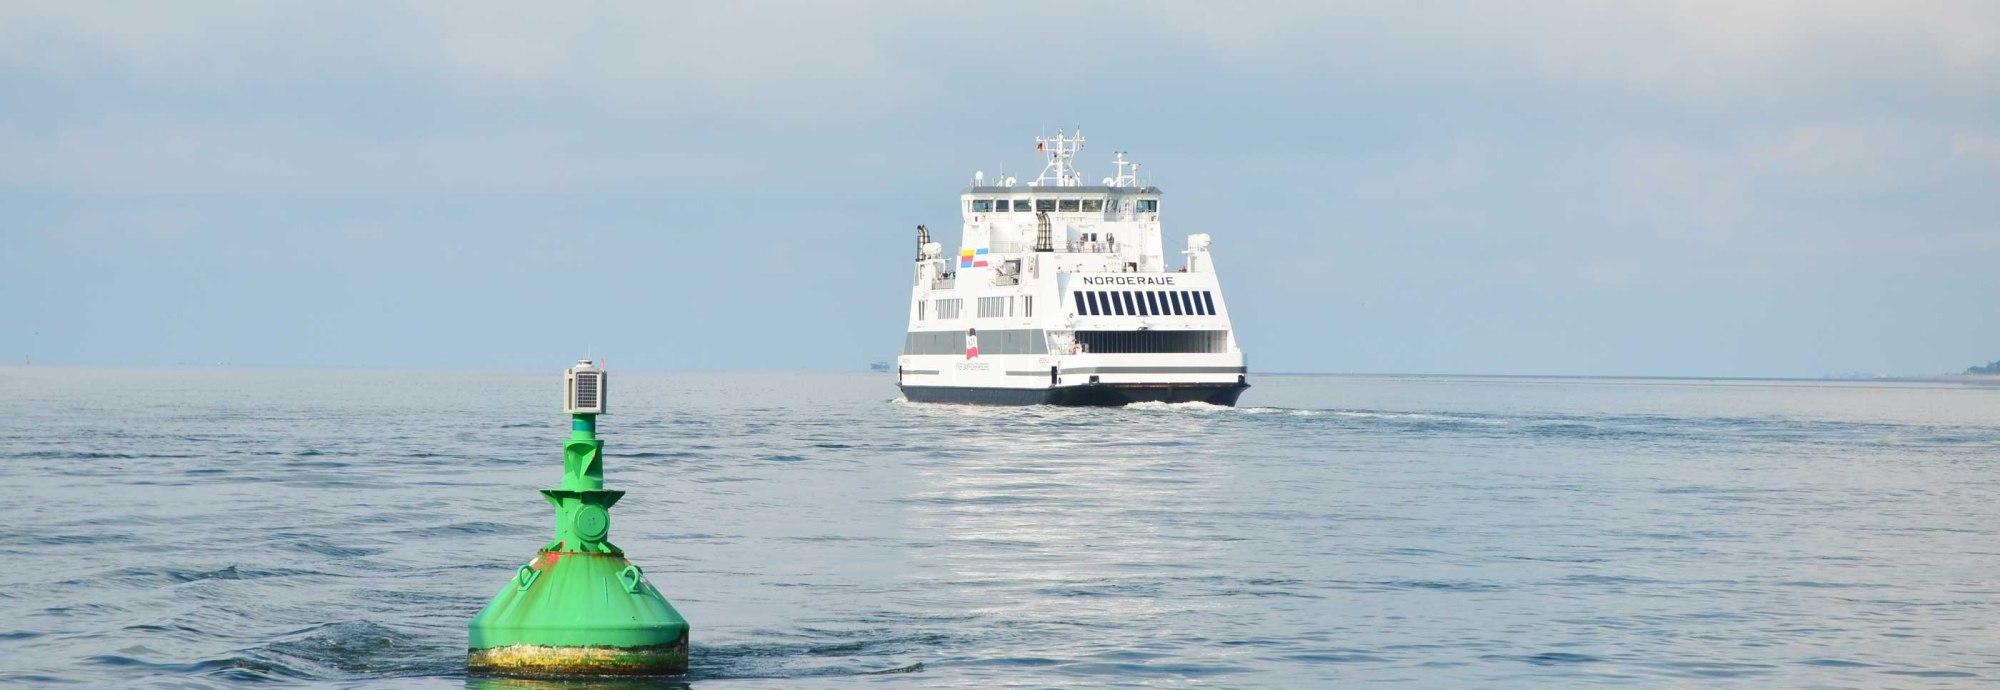 Fährschiff-Norderaue-Richtung-Amrum, © Kai Quedens